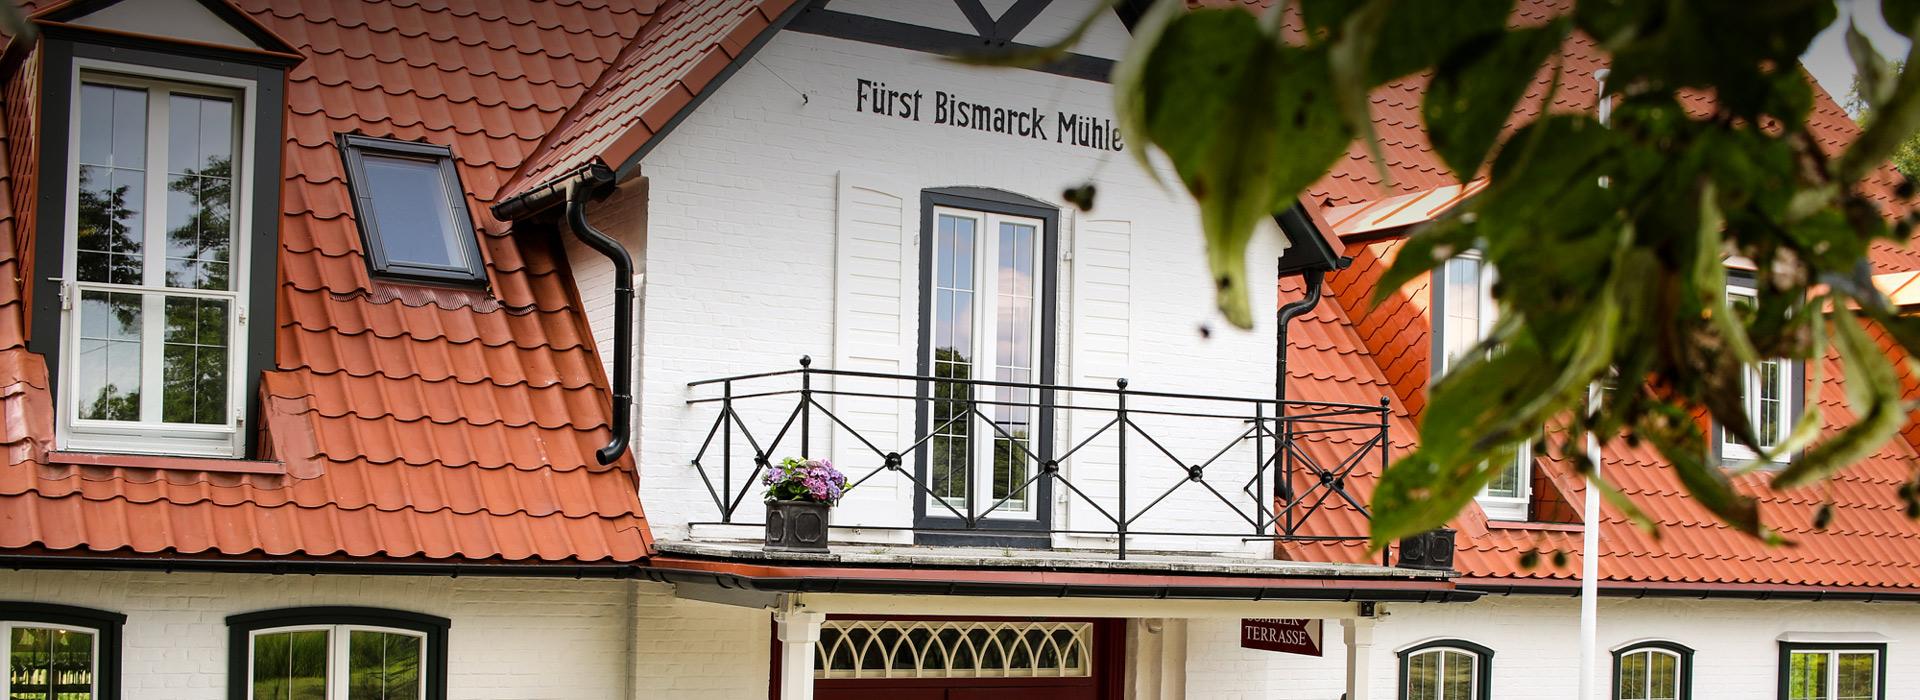 Furst Bismarck Muhle Restaurant Und Hotel Aumuhle